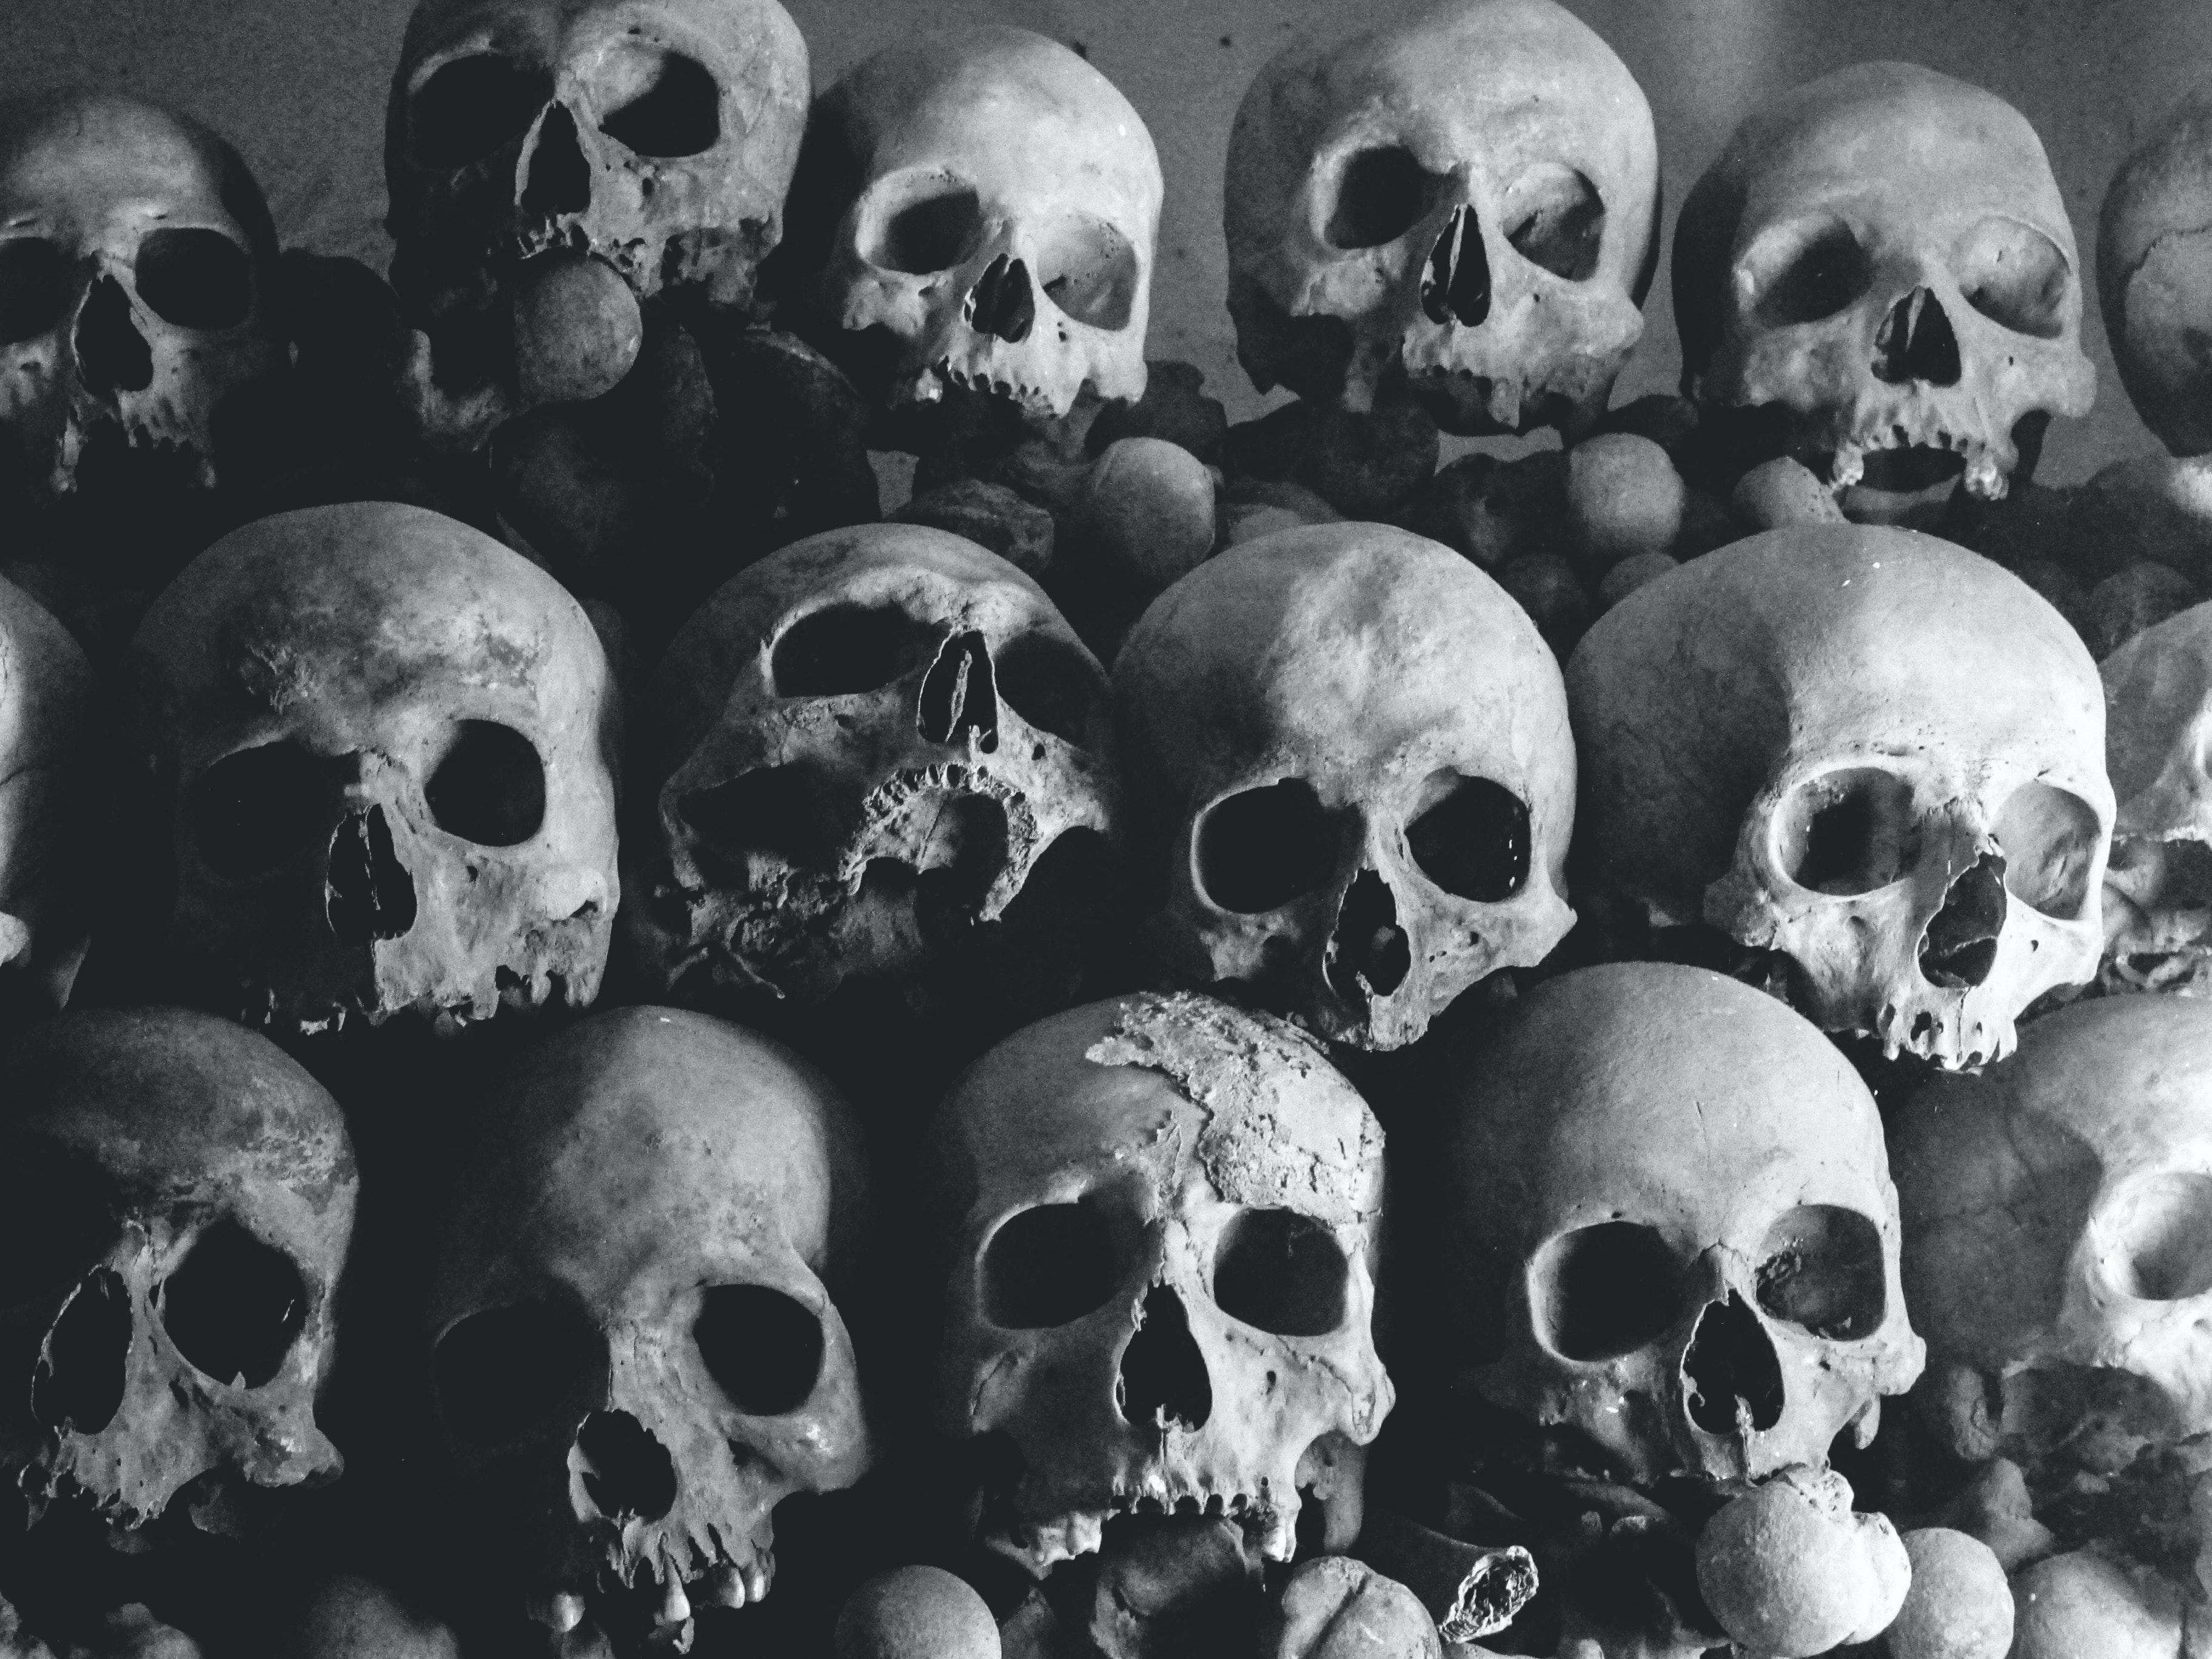 Les pays scandinaves : Sorcières et Horreurs… Halloween au printemps ?